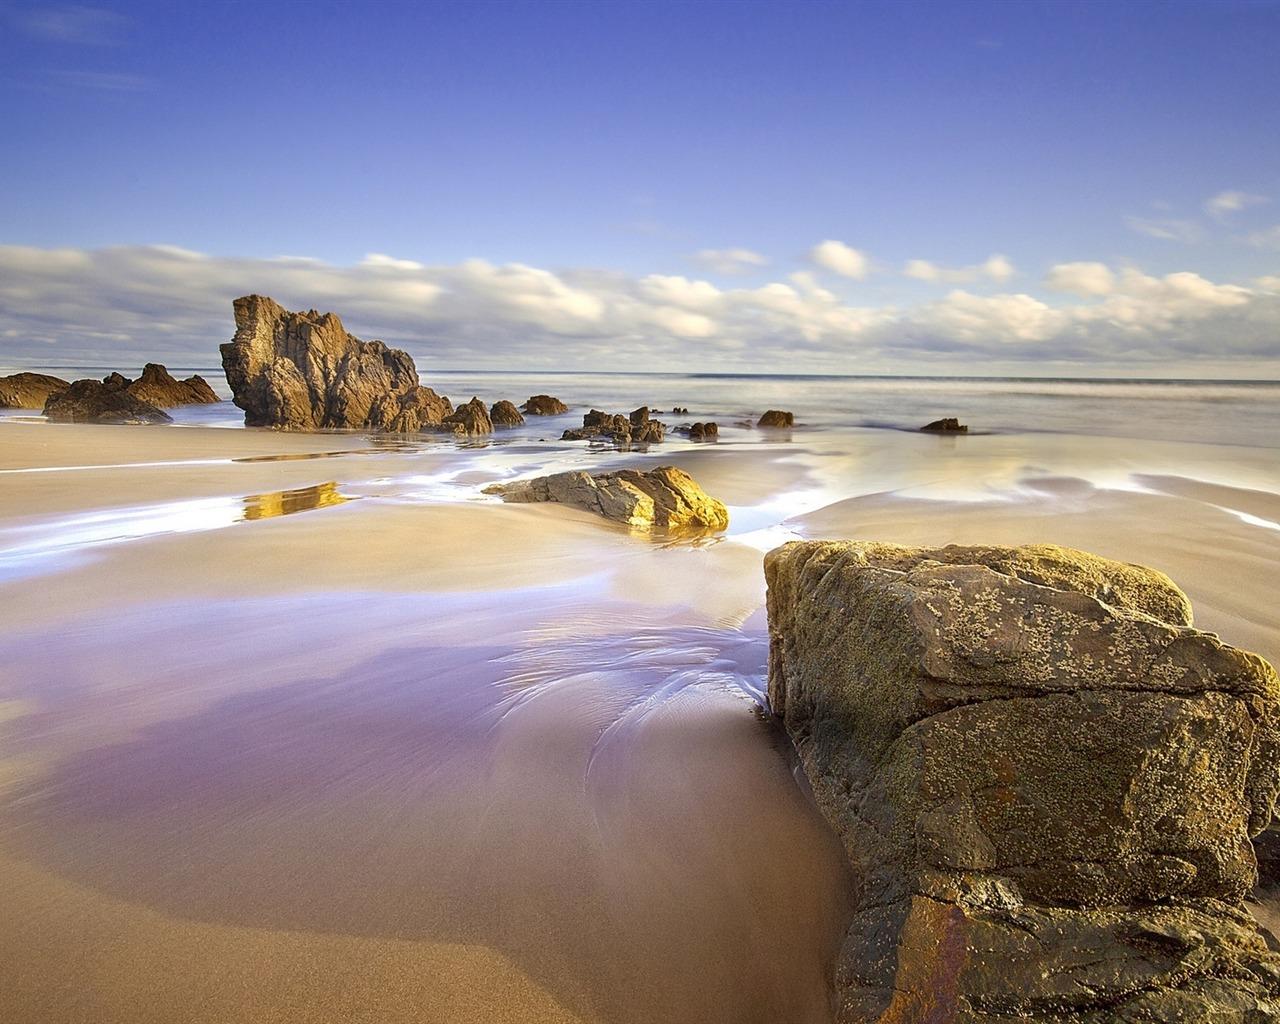 描述: 岩石潮湿的沙滩-高品质高清壁纸 当前壁纸尺寸: 1280 x 1024图片